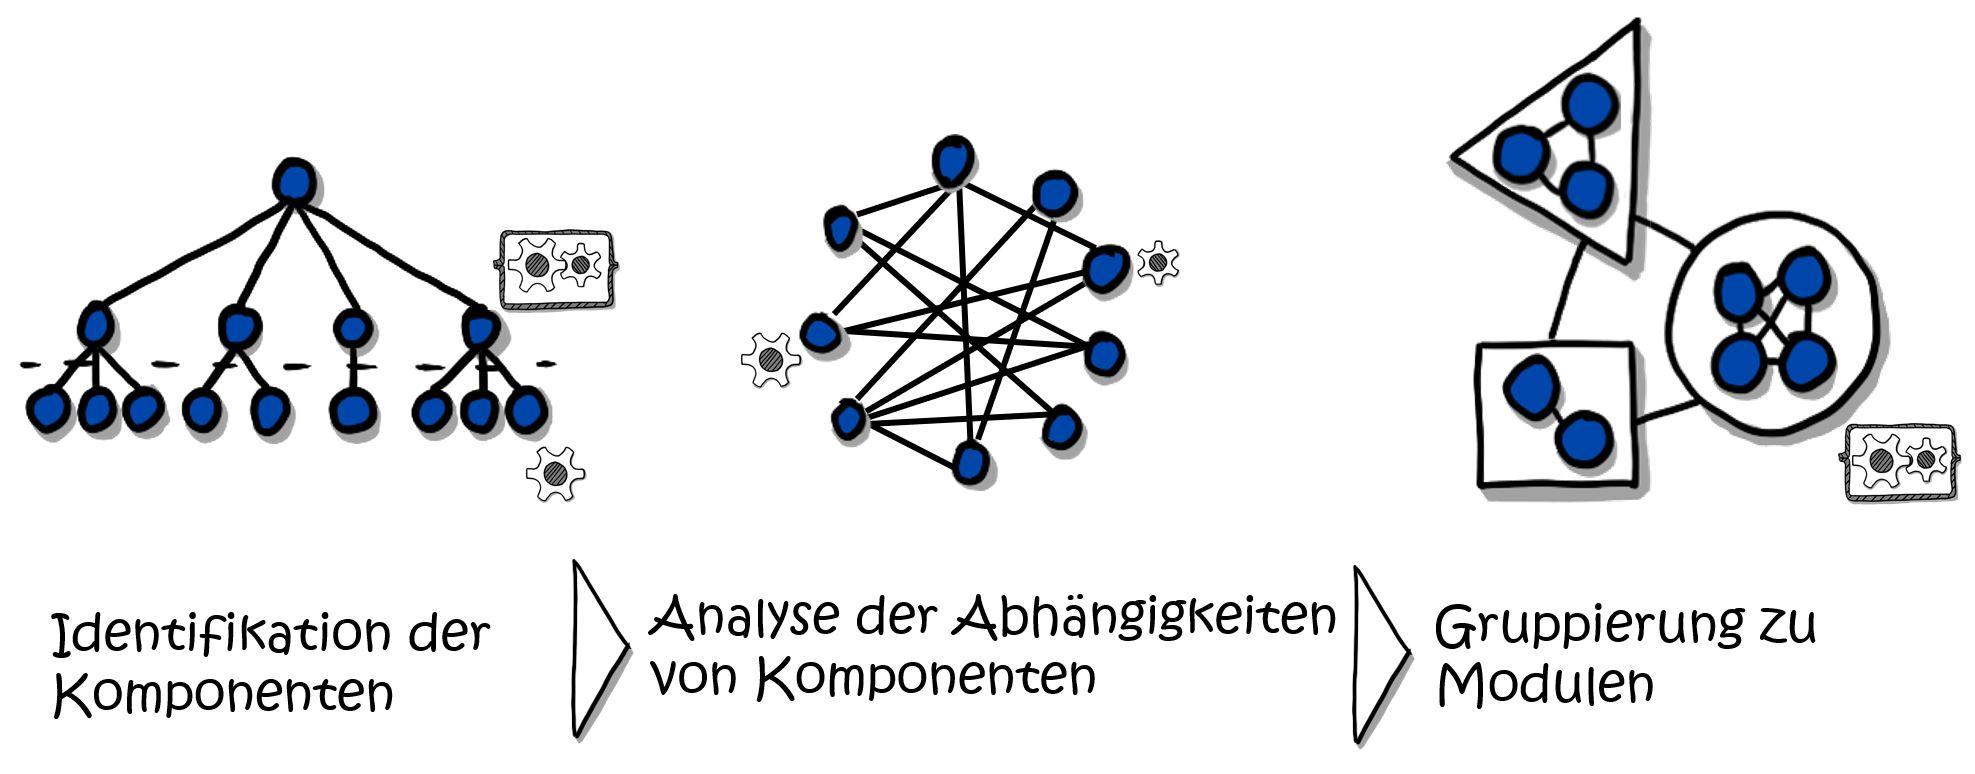 Modularisierung_Vorgehen.jpg